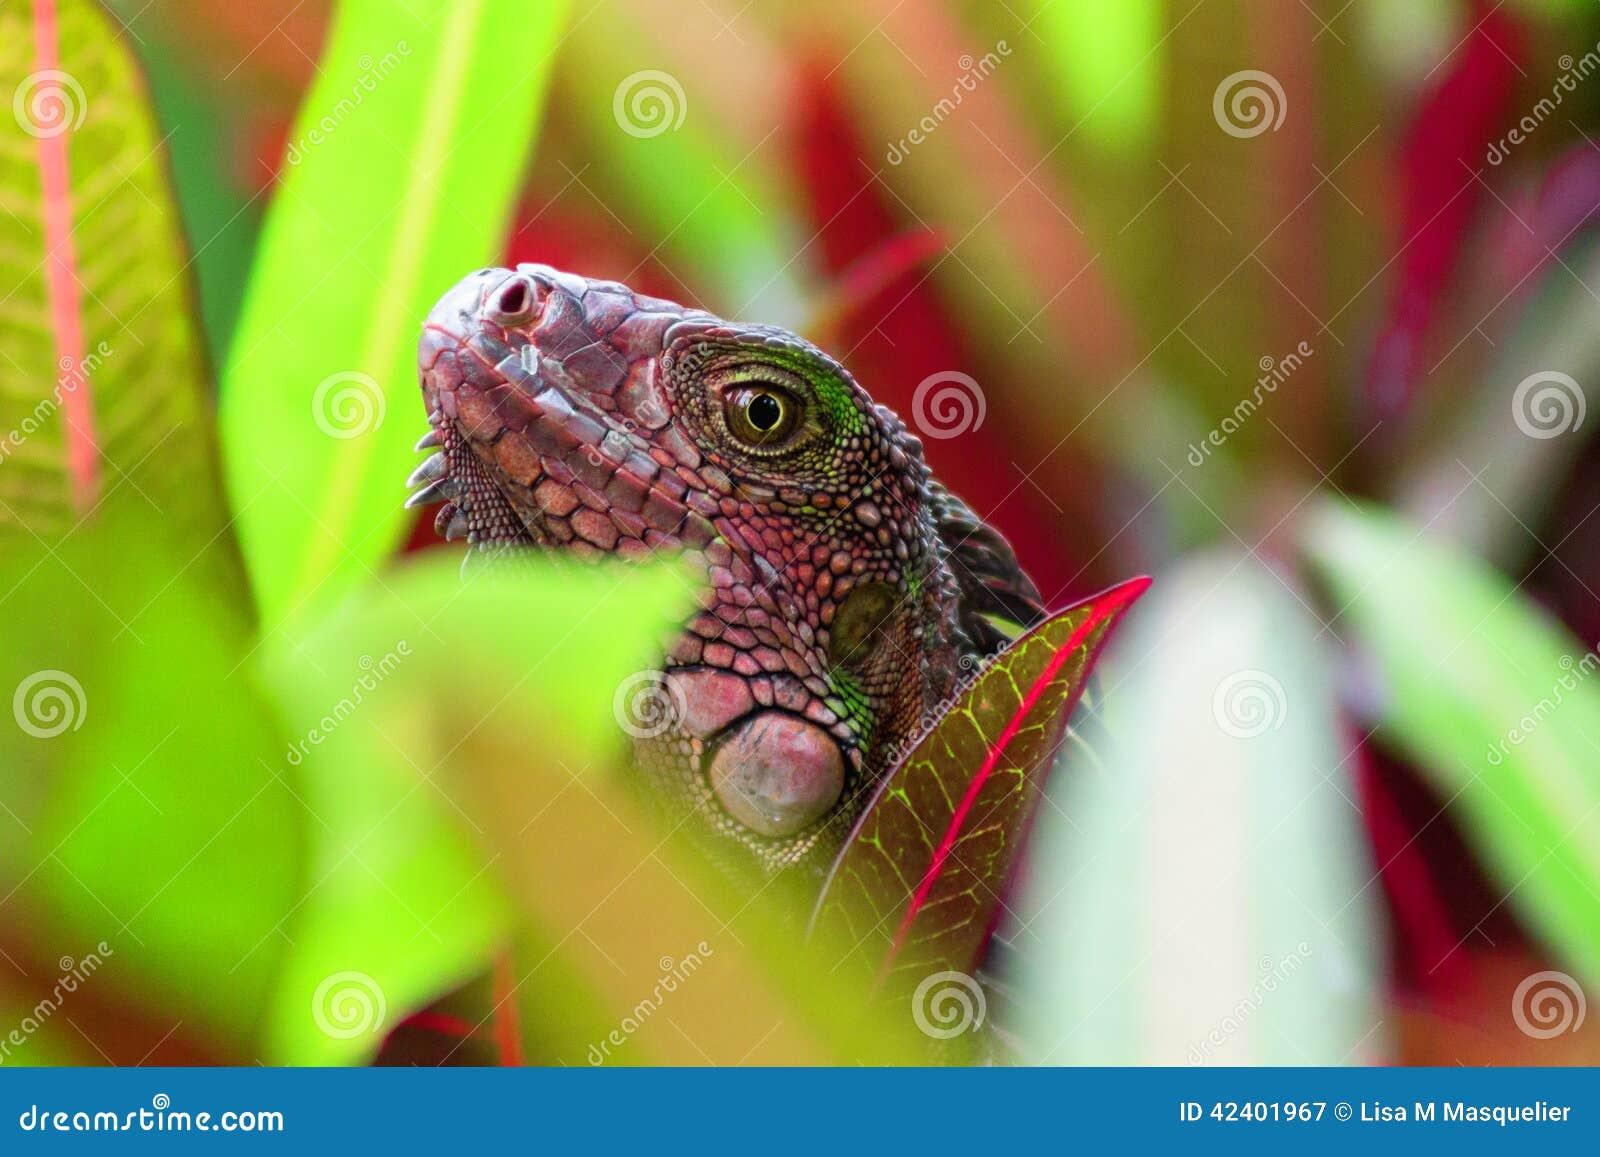 红色和绿色哥斯达黎加鬣鳞蜥